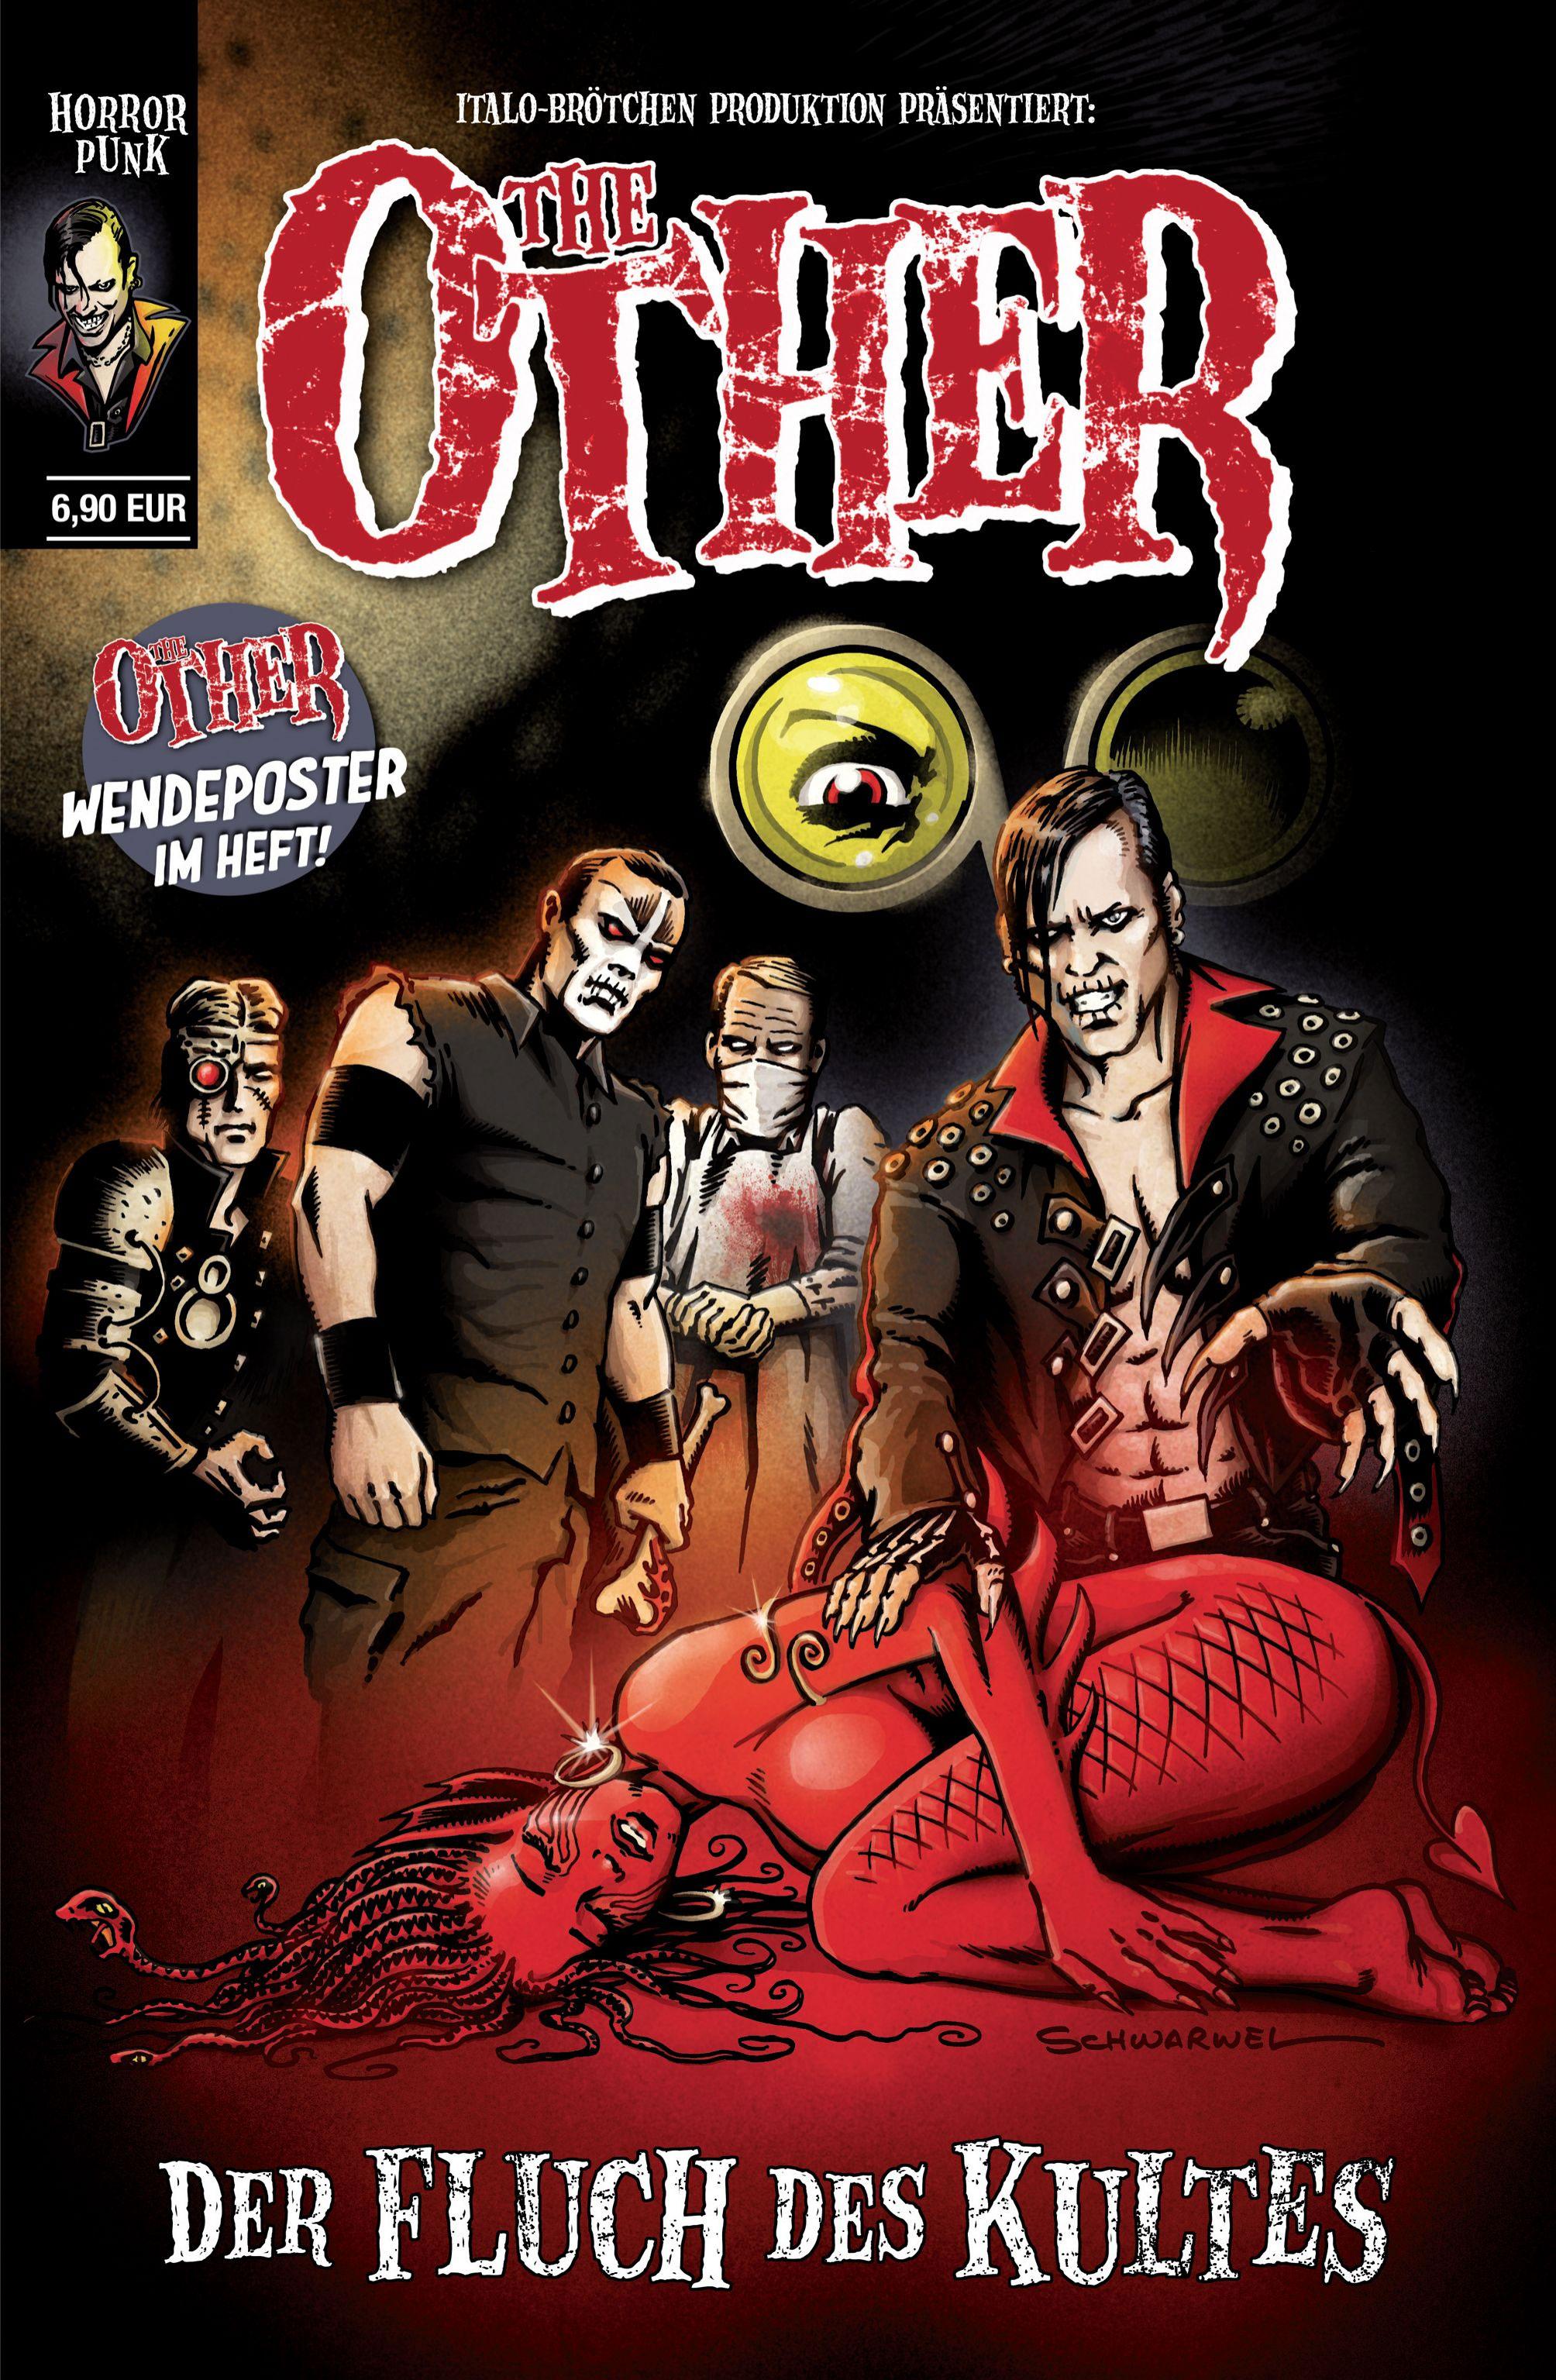 CRFF020 – The Other – Der Fluch des Kultes!